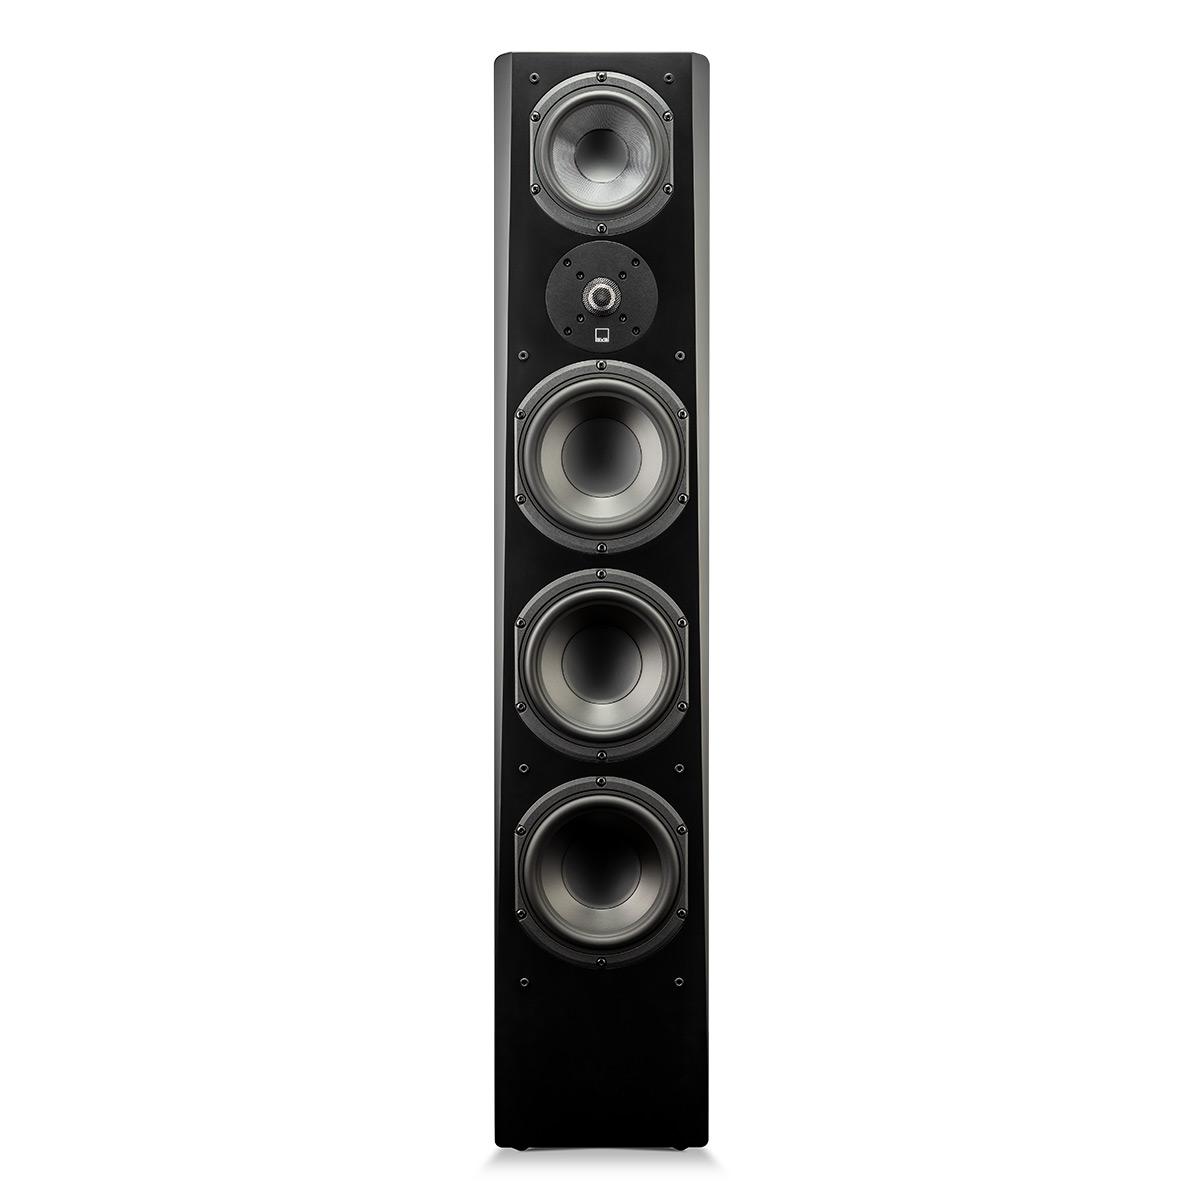 thumbnail 7 - SVS Prime Pinnacle Floorstanding Speakers - Pair